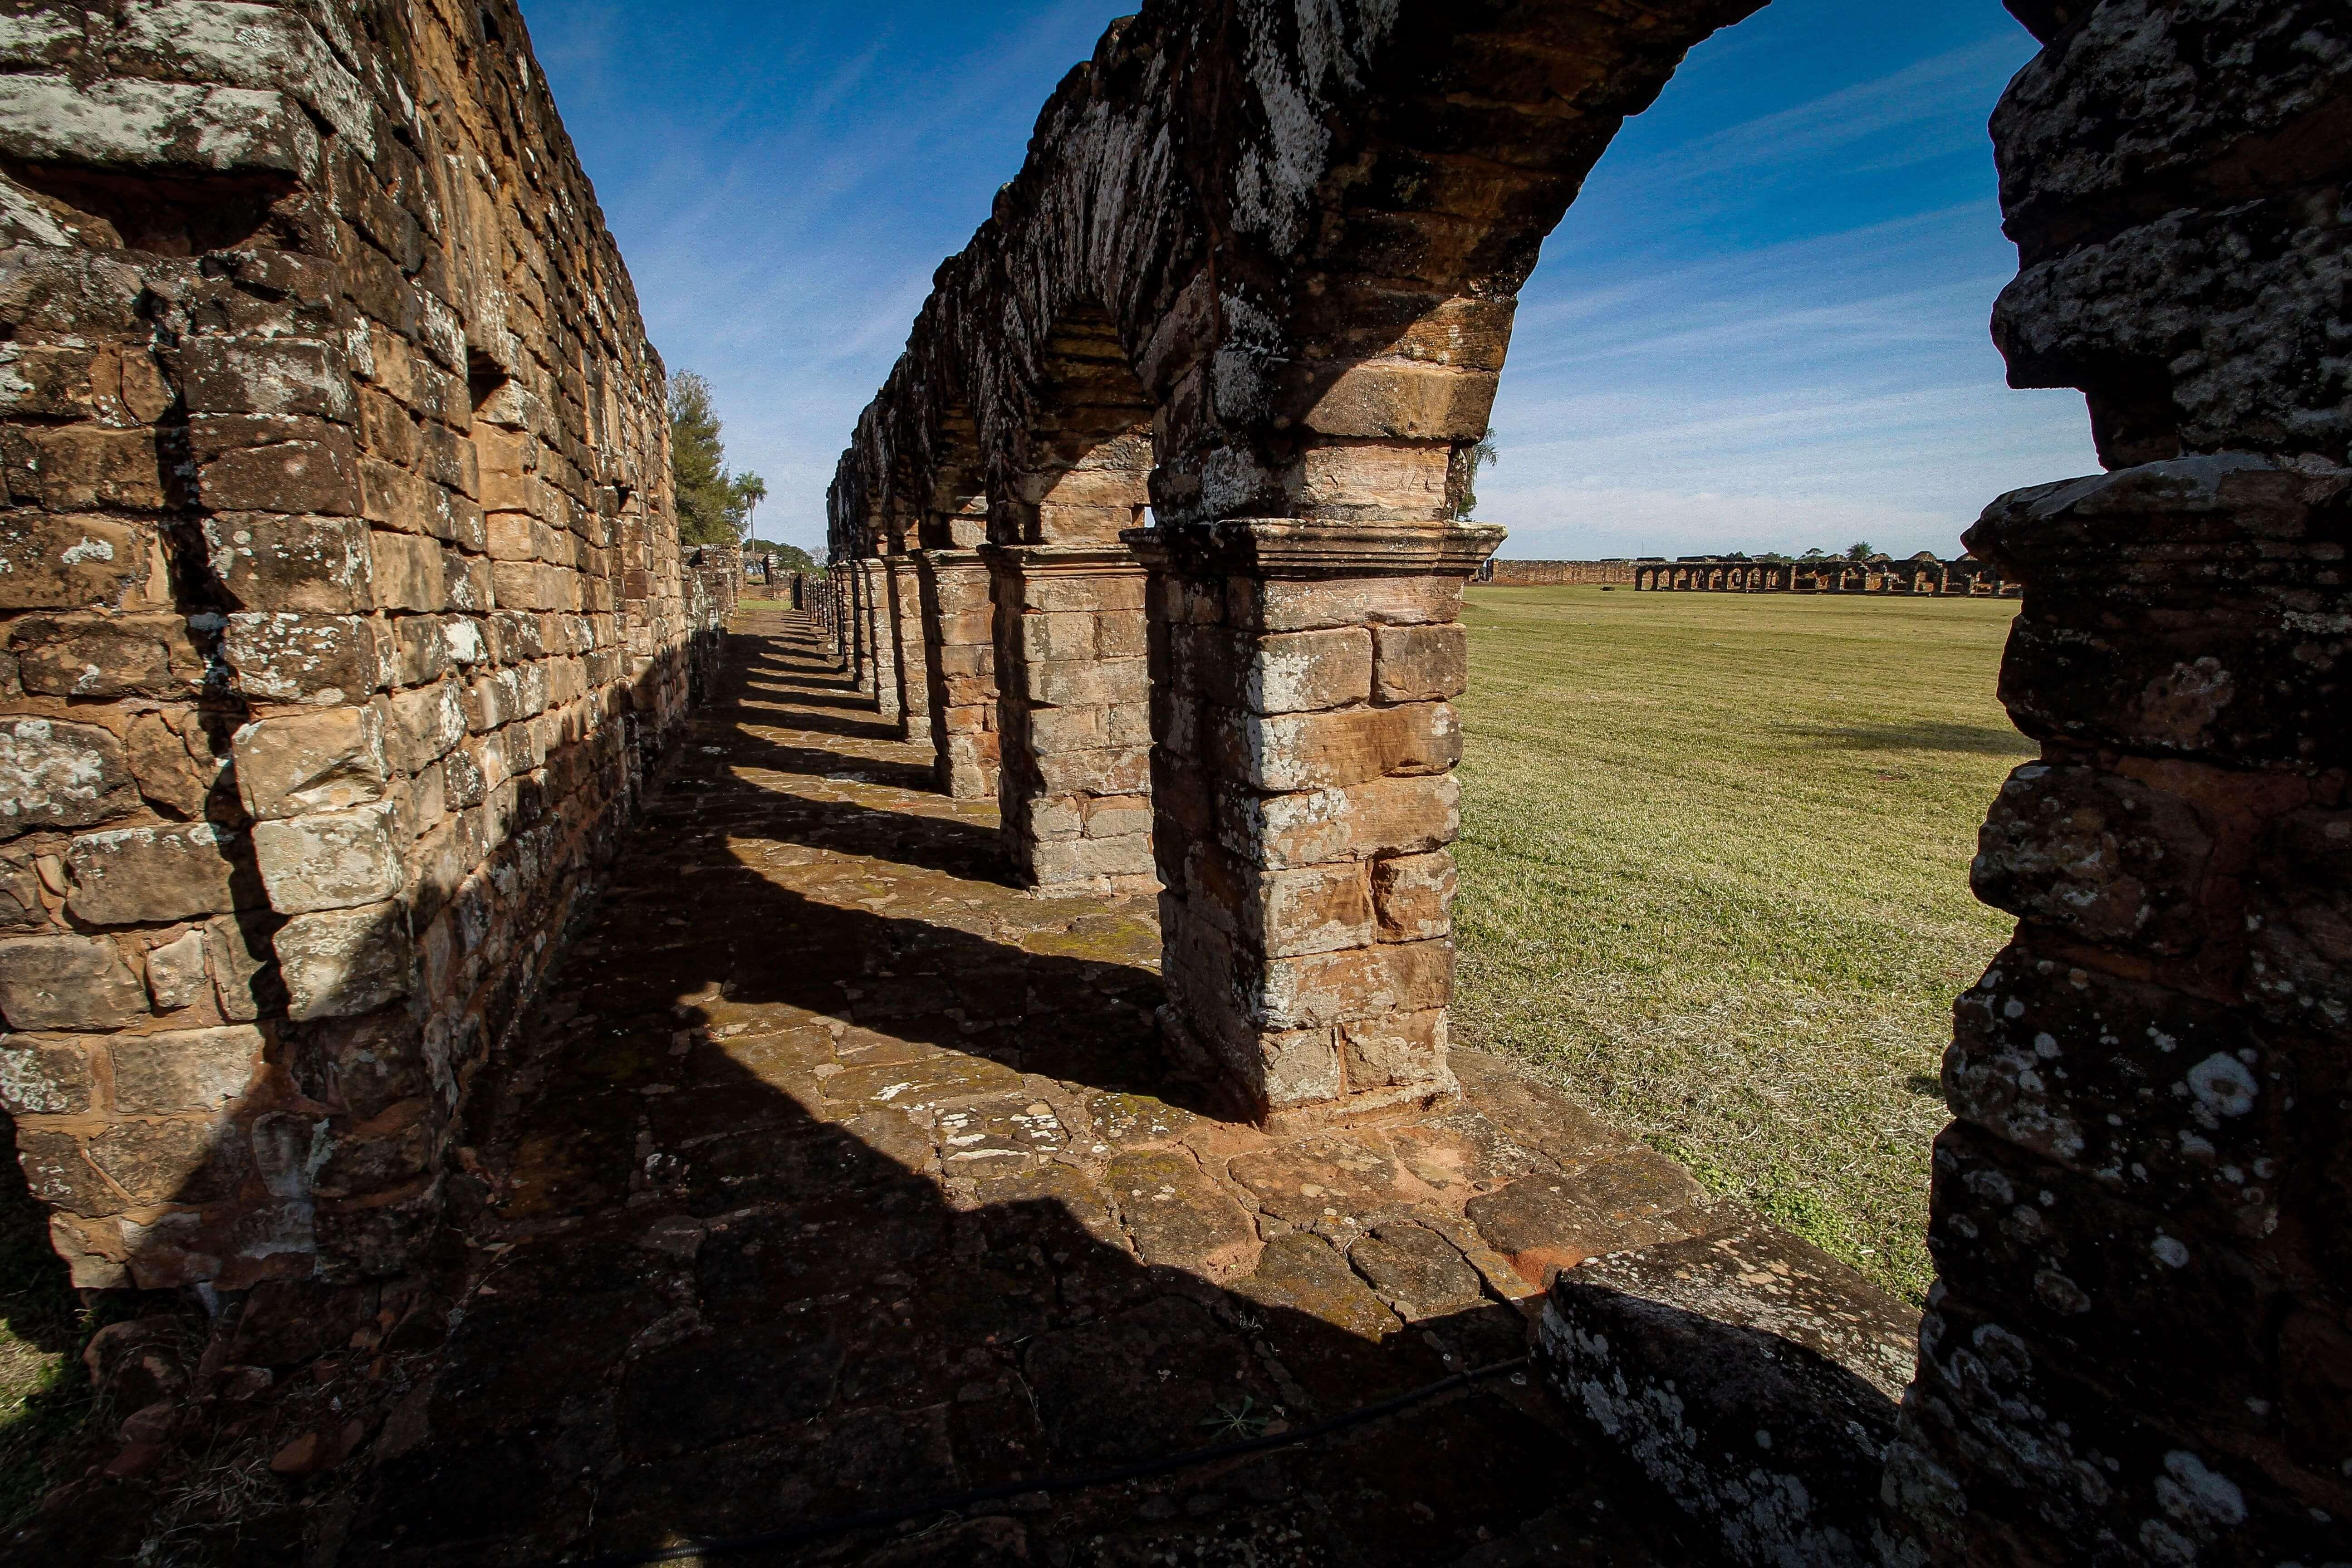 The Jesuit Ruins